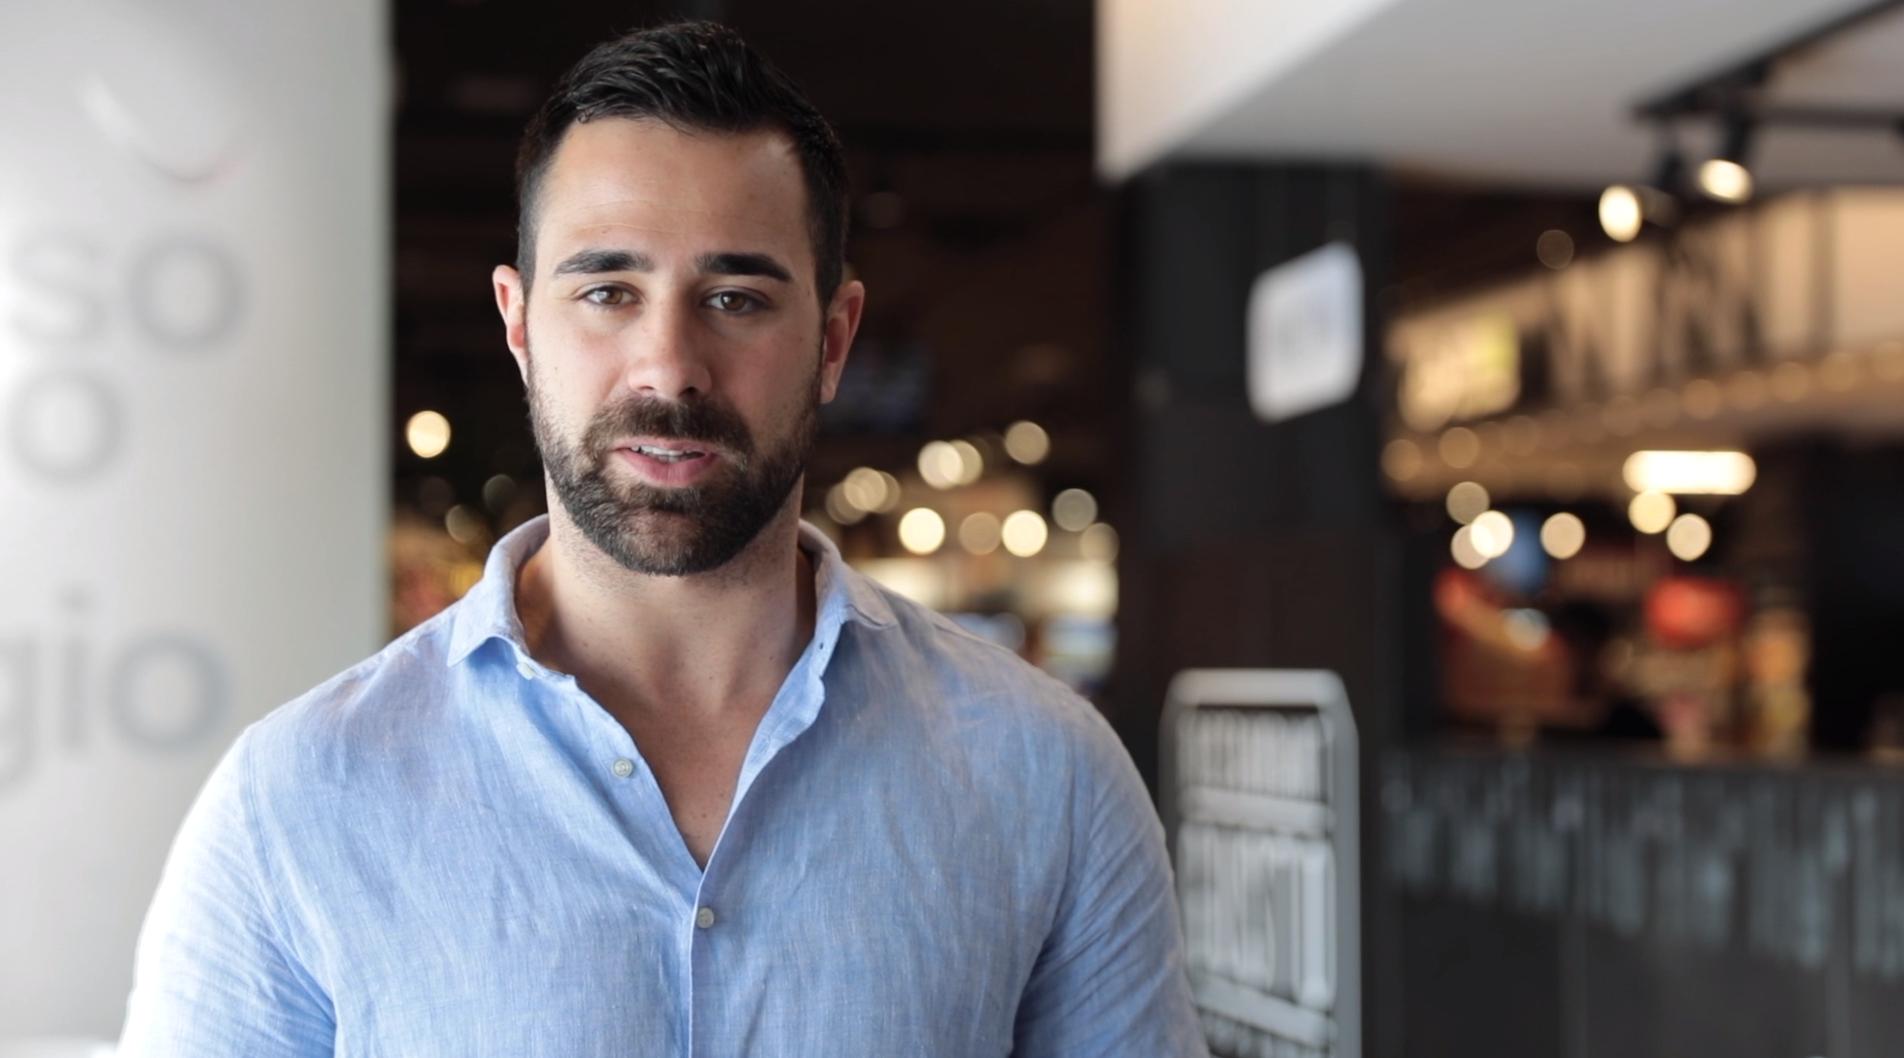 Video Chefexpress Roberto Valbuzzi campagna videomaker Zin Biella